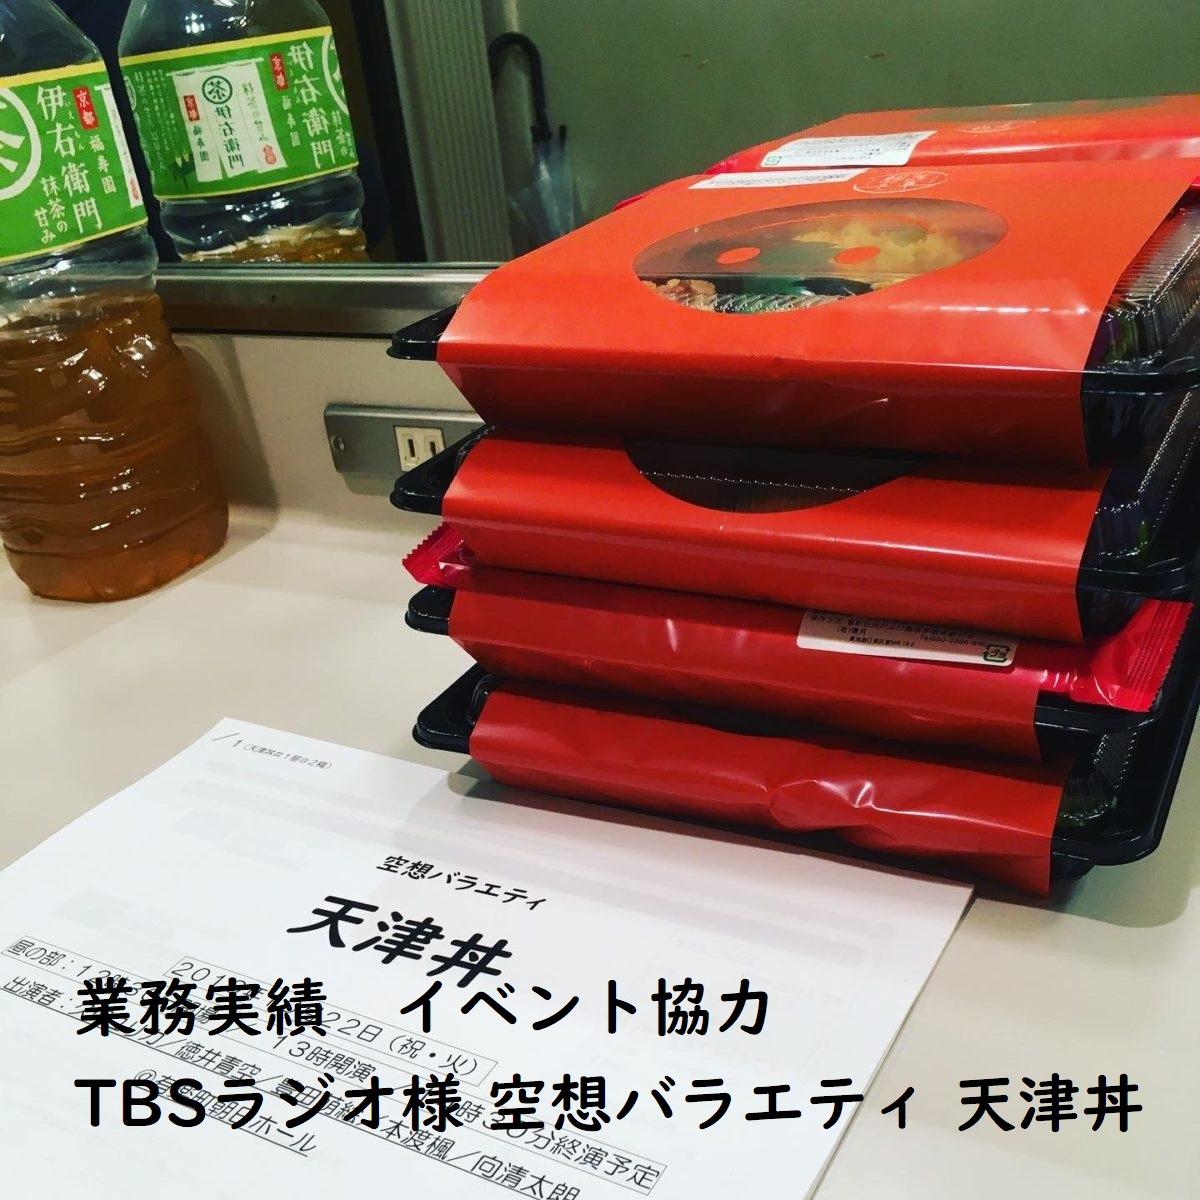 業務実績 TBSラジオ様主催イベント「空想バラエティ 天津丼」